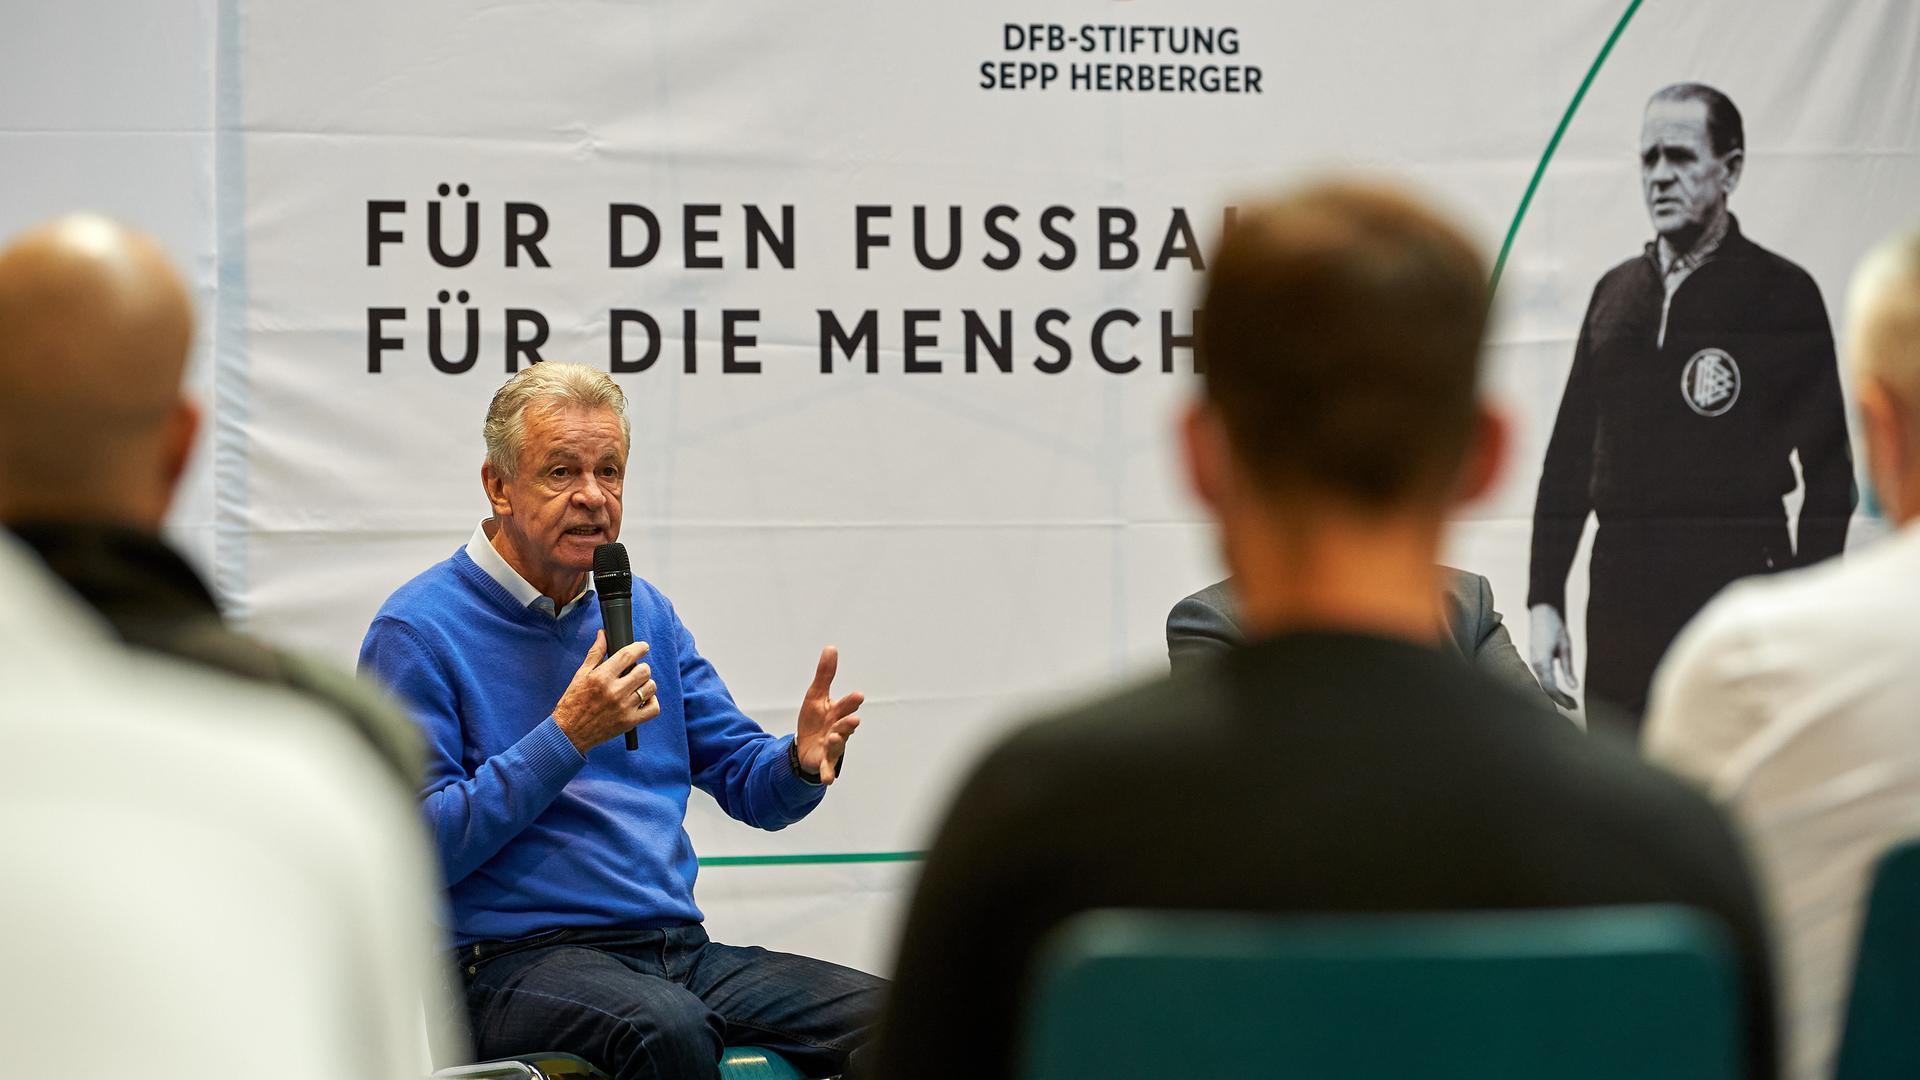 Gefragter Mann: Fußballtrainer Ottmar Hitzfeld sprach im Bruchsaler Gefängnis mit den Gefangenen.